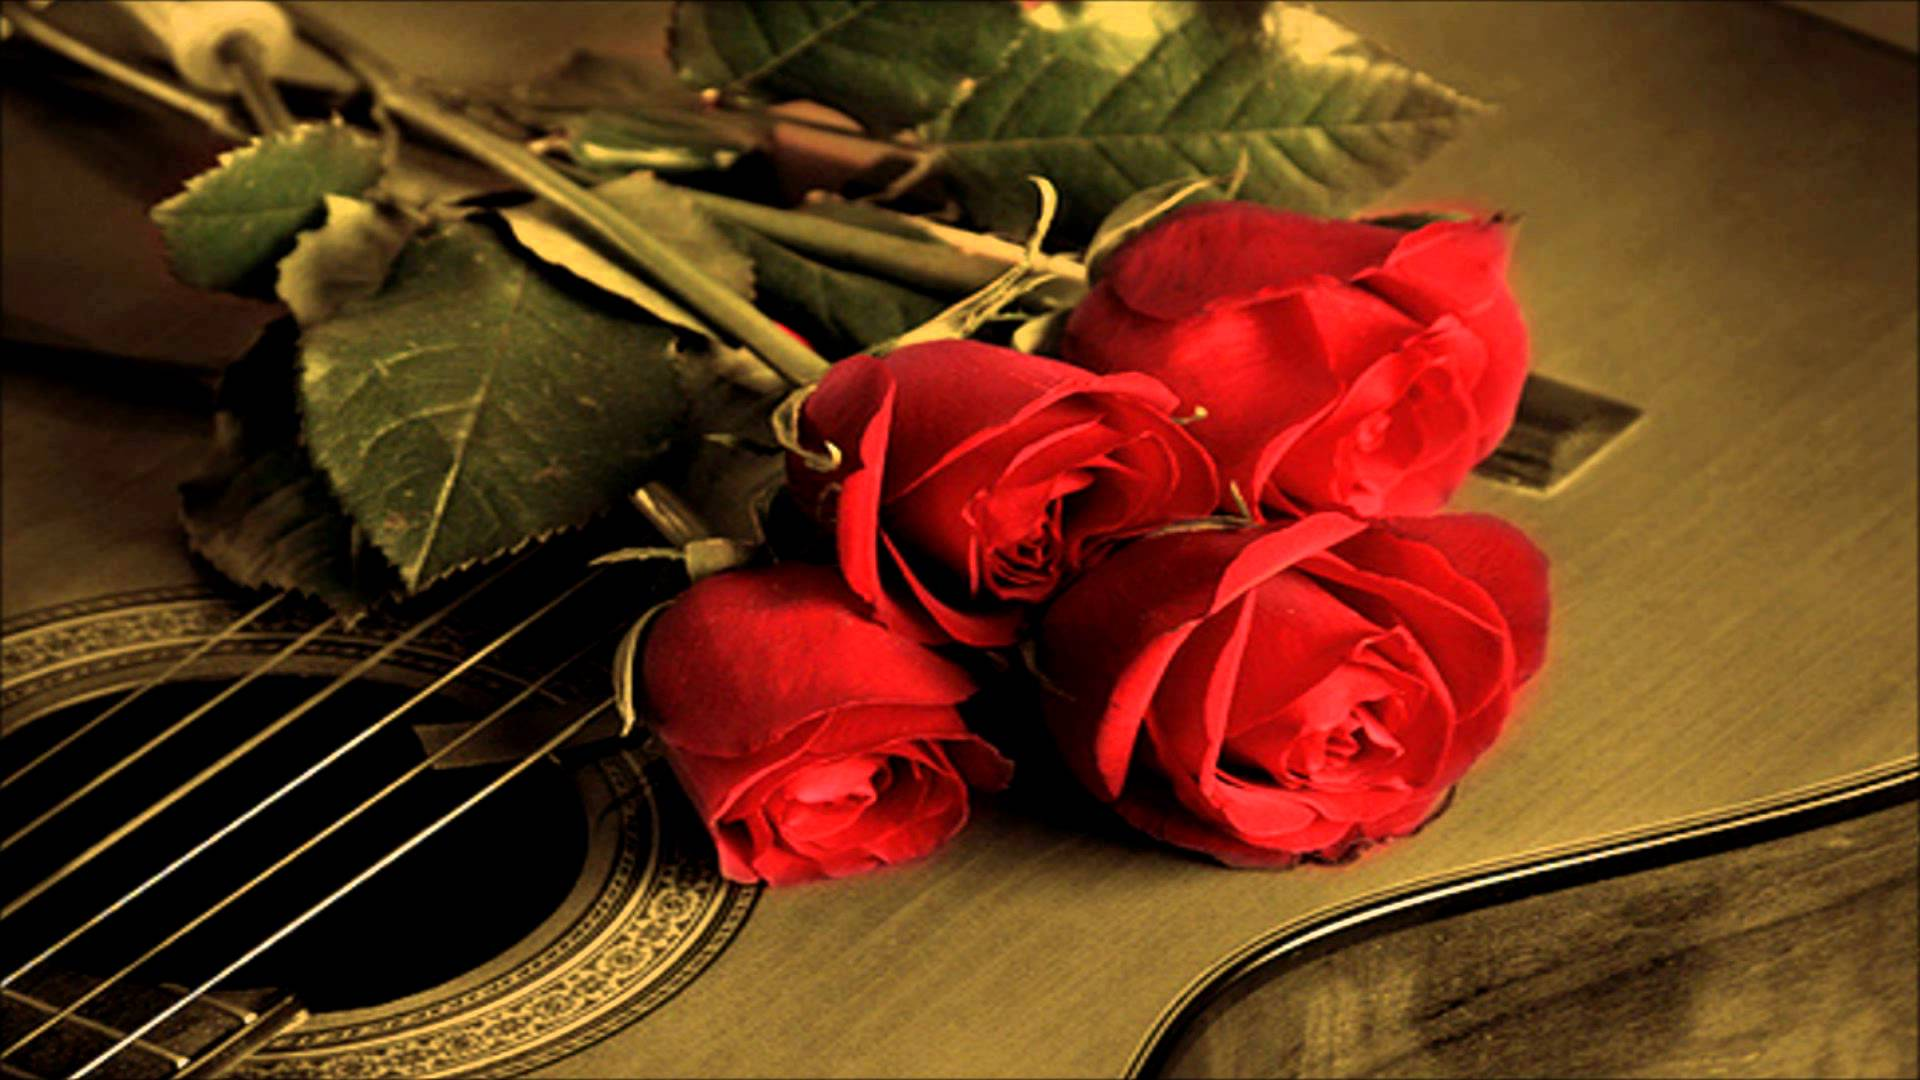 アンヘル・ロメロが弾くアルビノーニの『アダージョ』 切なく美しいドラマチックな名曲